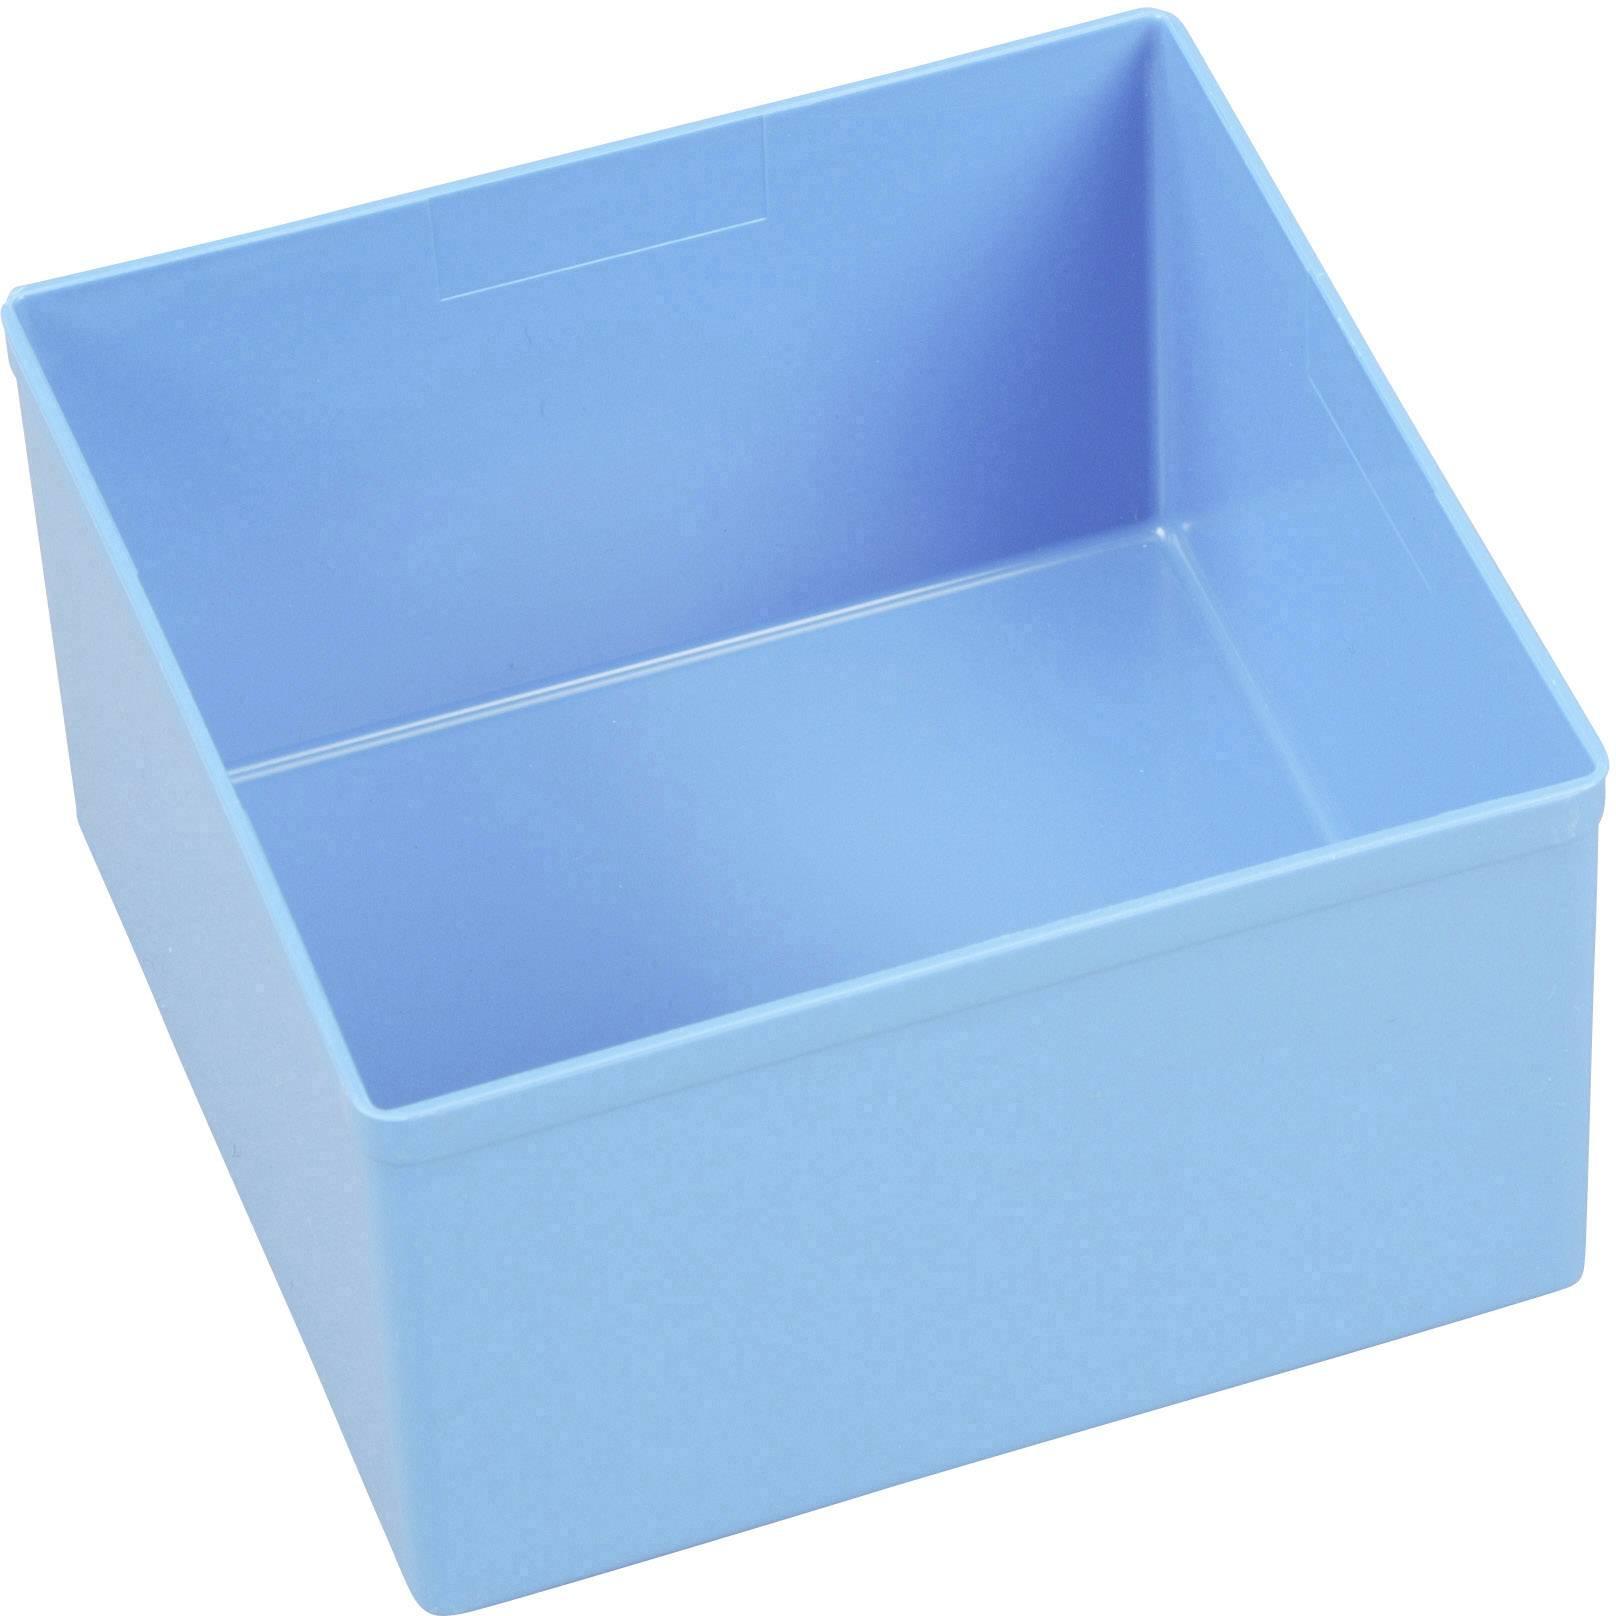 Vložka do kufříku na součástky Allit, 456307, 108 x 108 x 63 , modrá